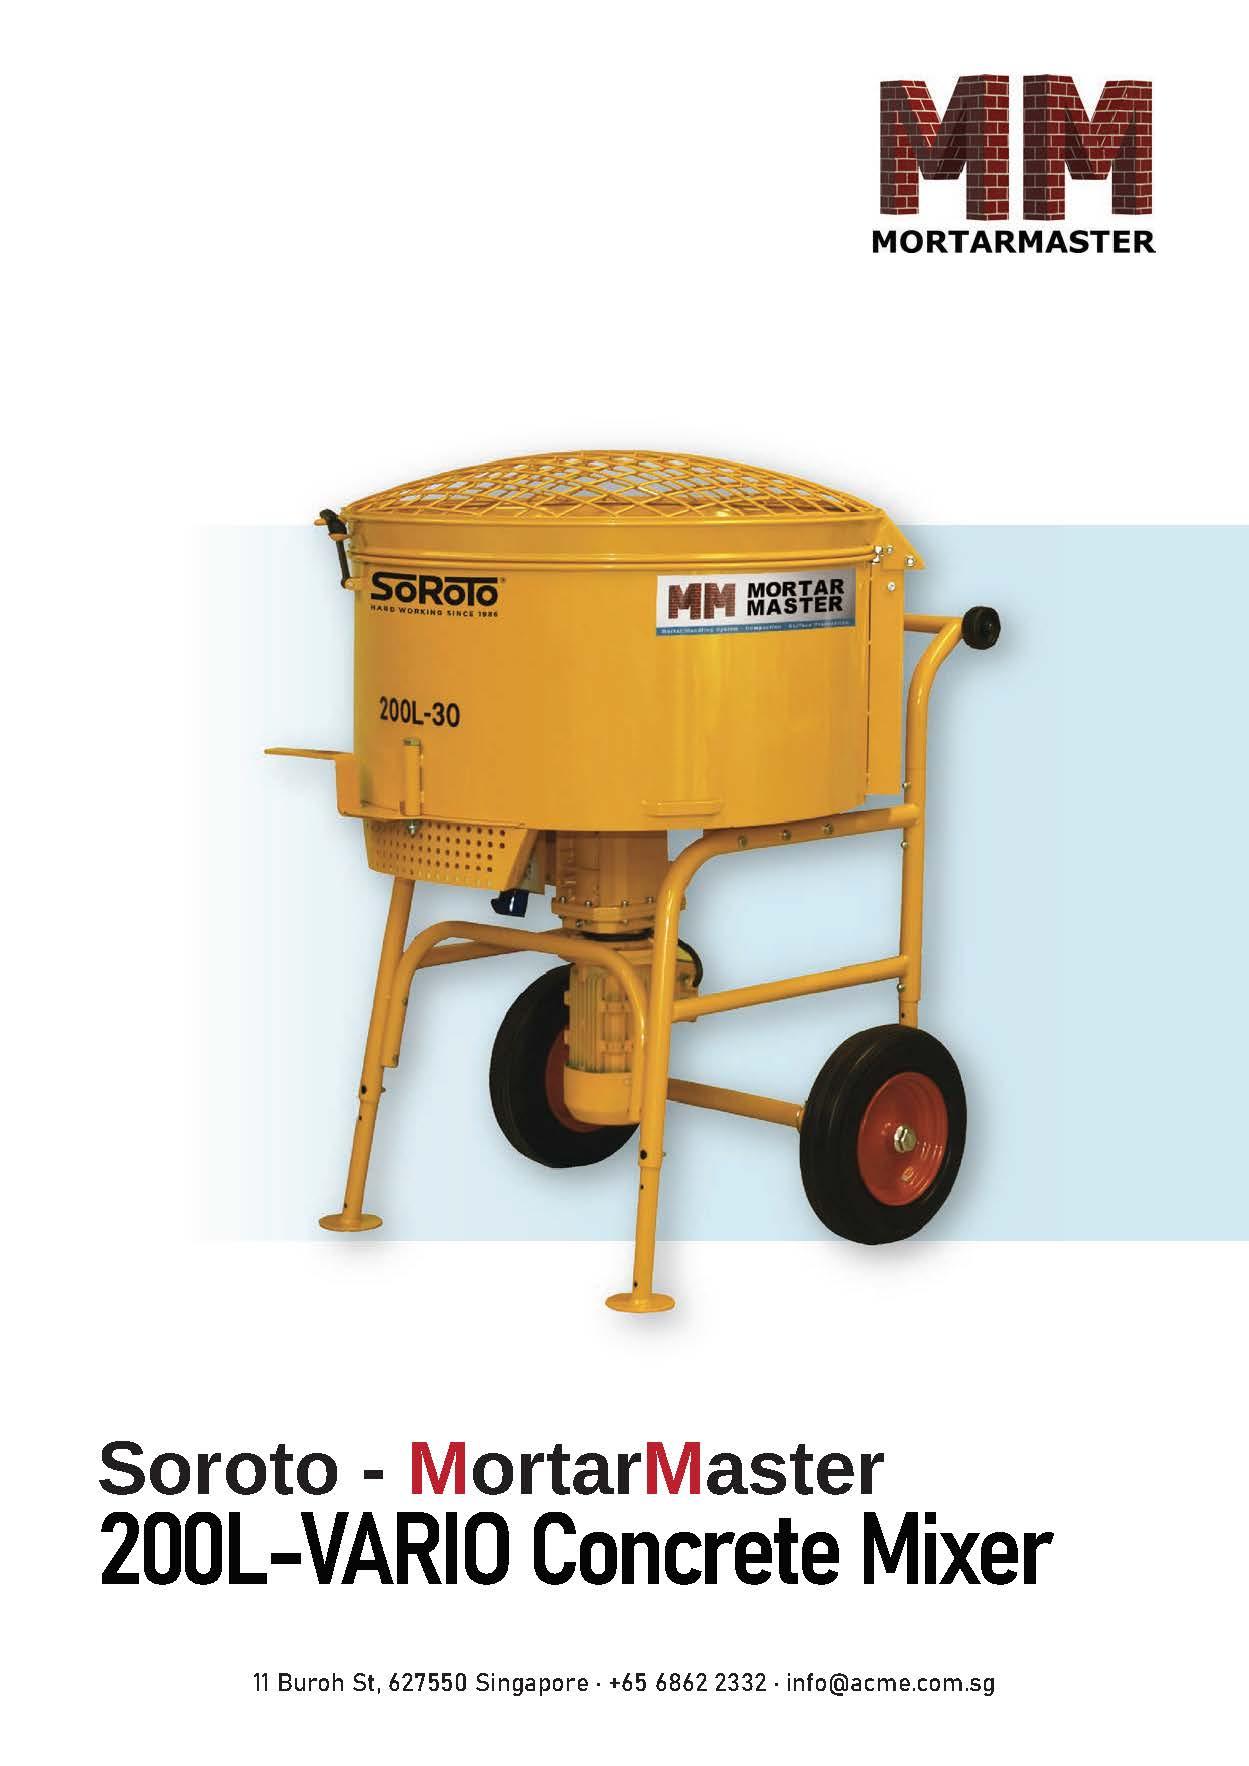 Mortar Master Concrete Mixer Brochure